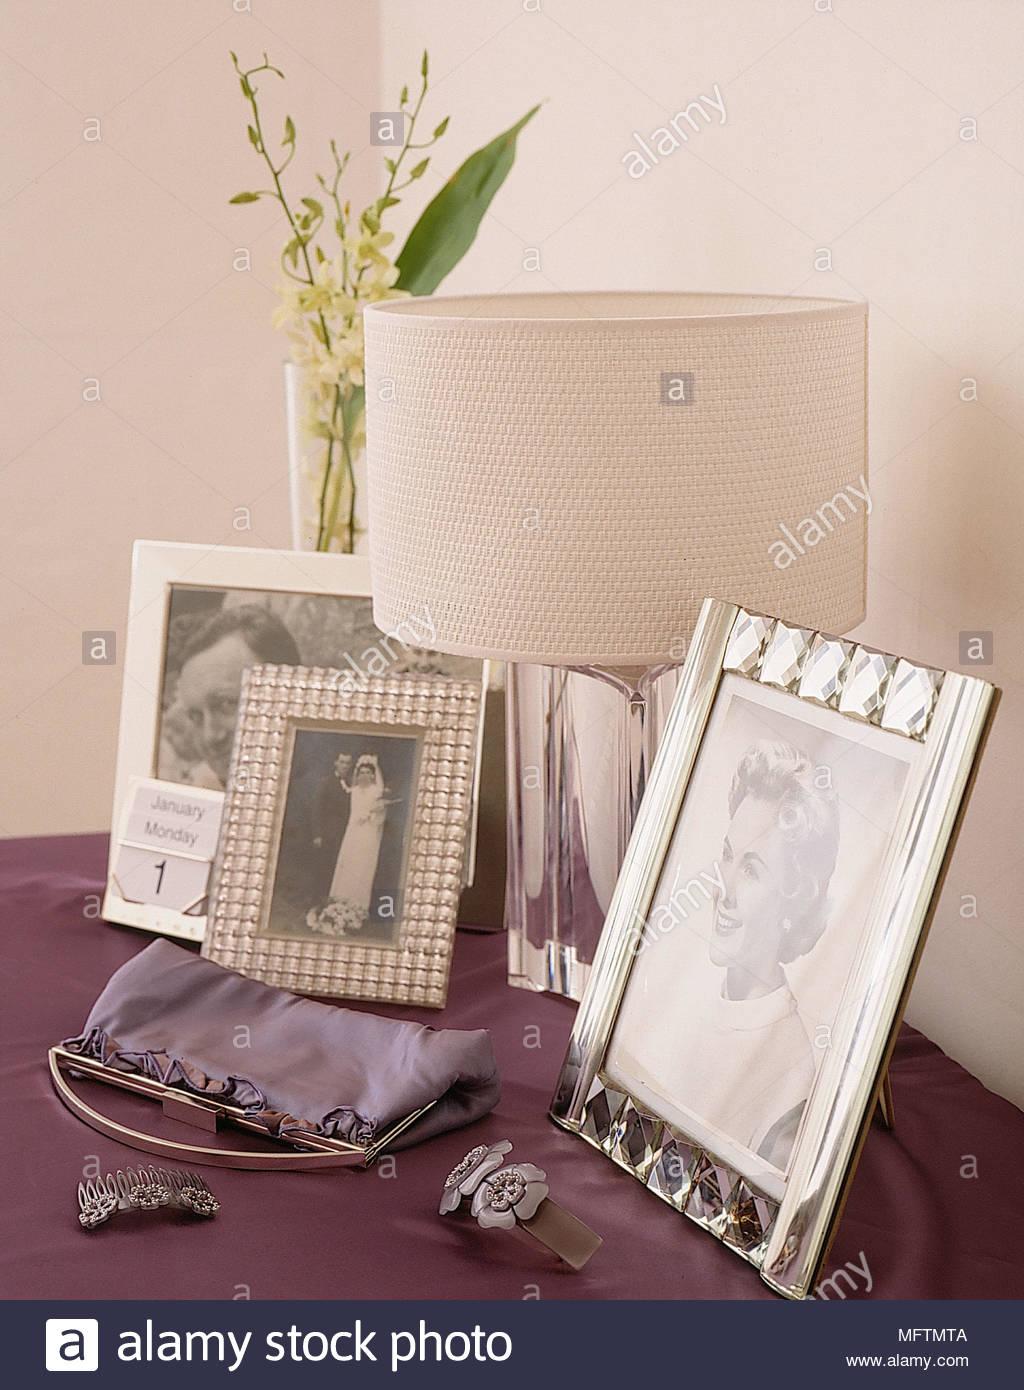 Family Photos Frames Imágenes De Stock & Family Photos Frames Fotos ...